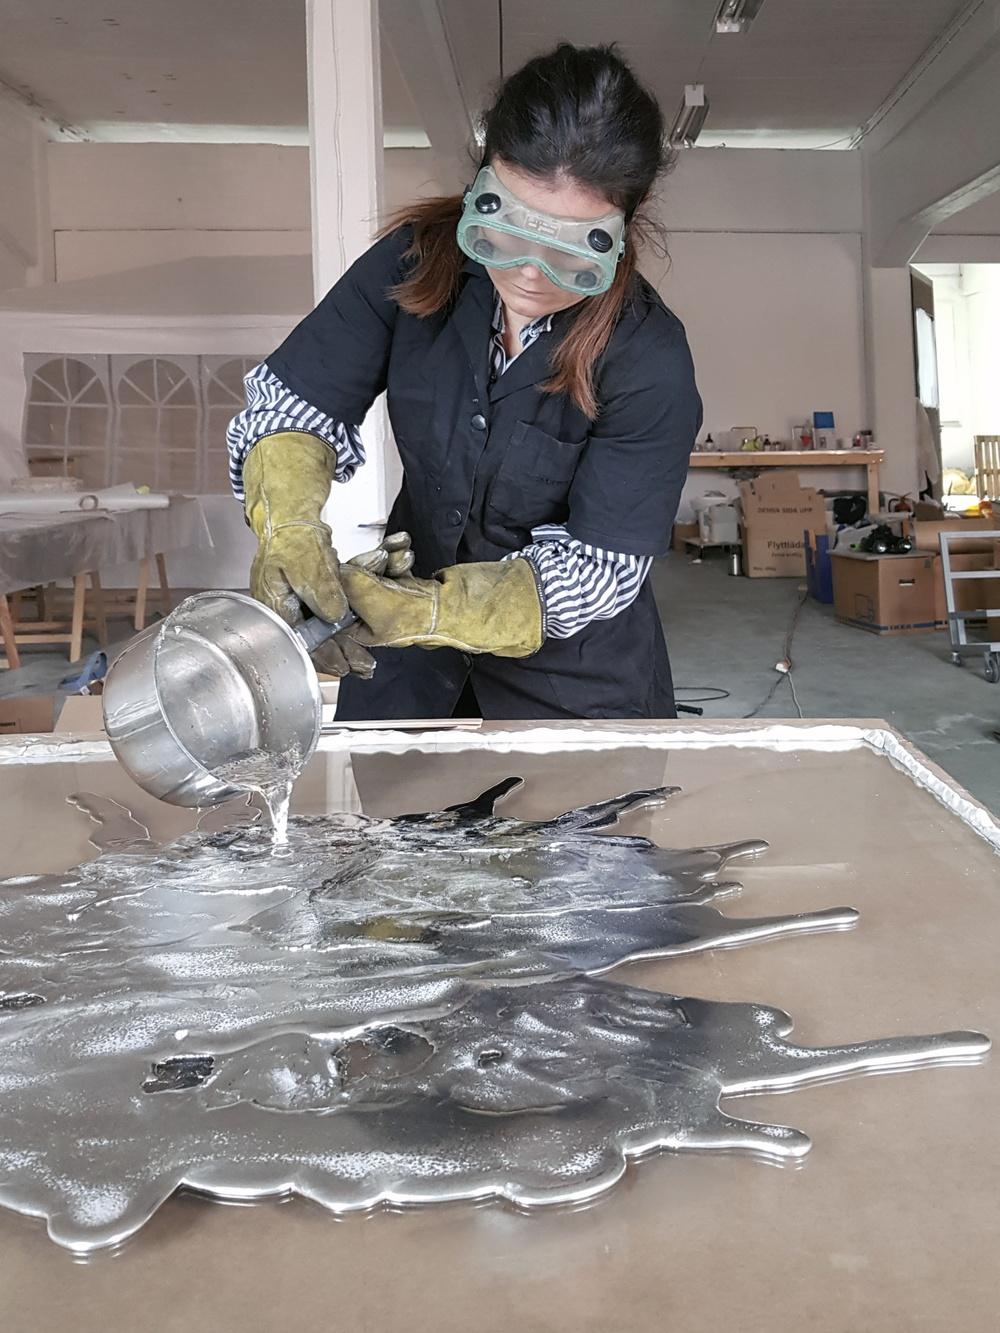 Titel: Assemblage // Ekvation: Metall + Performance = Assemblage // Deltagare: Jenny Nordberg & Olsson & Gerthel // Beskrivning: Jenny Nordberg har under lång tid experimenterat med olika typer av metallbearbetning. Dessa utforskningar har nu utvecklats till en assemblage-liknande metod där olika typer av metaller fogas samman samt helt eller delvis ytbehandlas. All metall som används är överblivet material från olika underleverantörer till Olsson & Gerthel. Olika objekt växer fram när Jenny Nordberg jobbar i den temporära verkstaden som byggs upp hos Olsson & Gerthel.